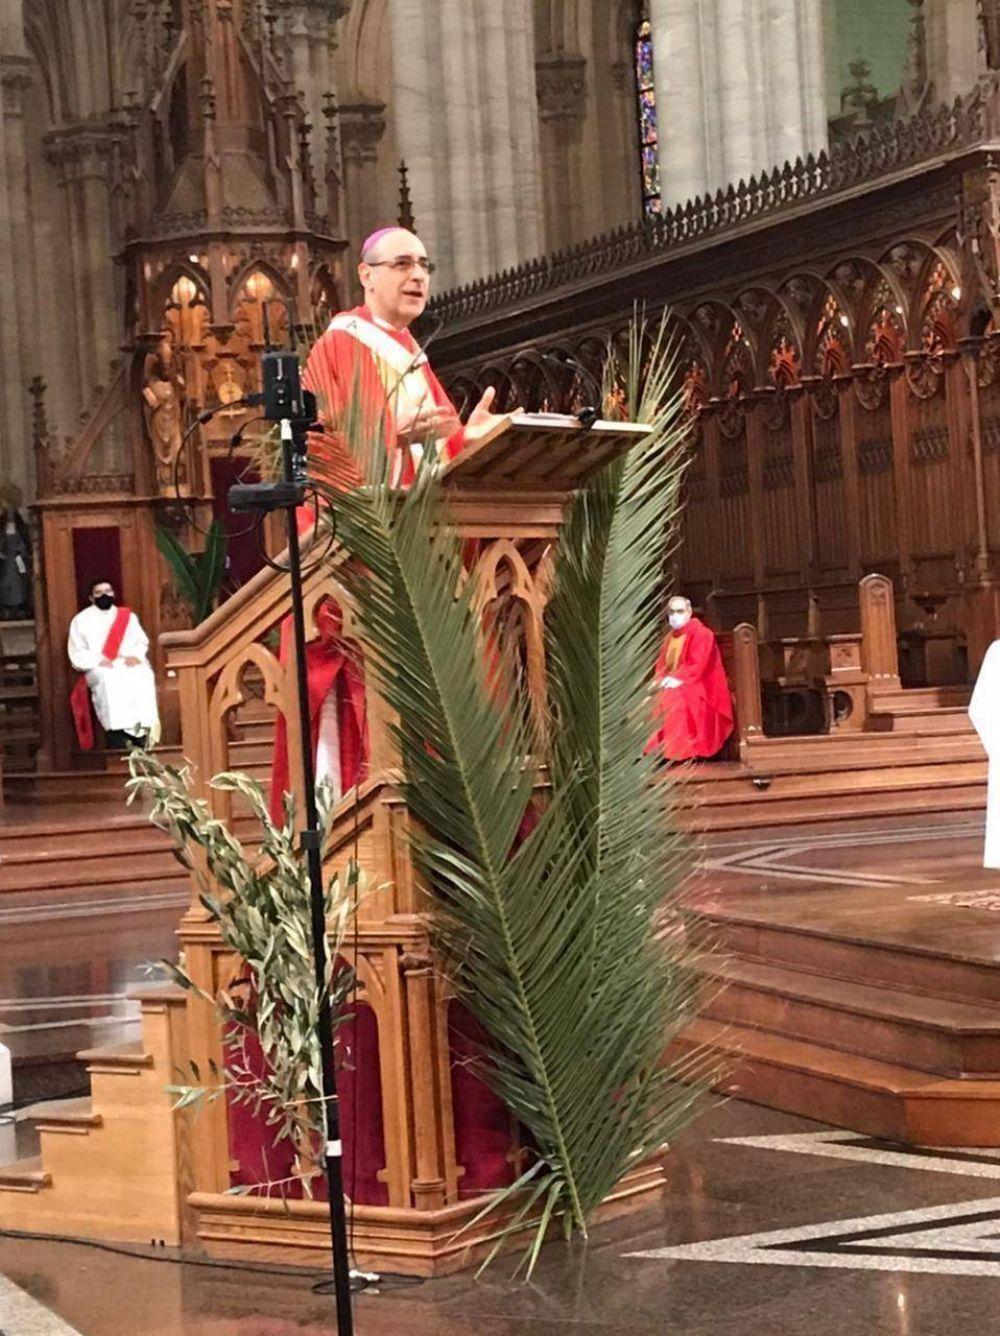 Bendición de ramos en la Catedral y otras virtuales en el inicio de Semana Santa